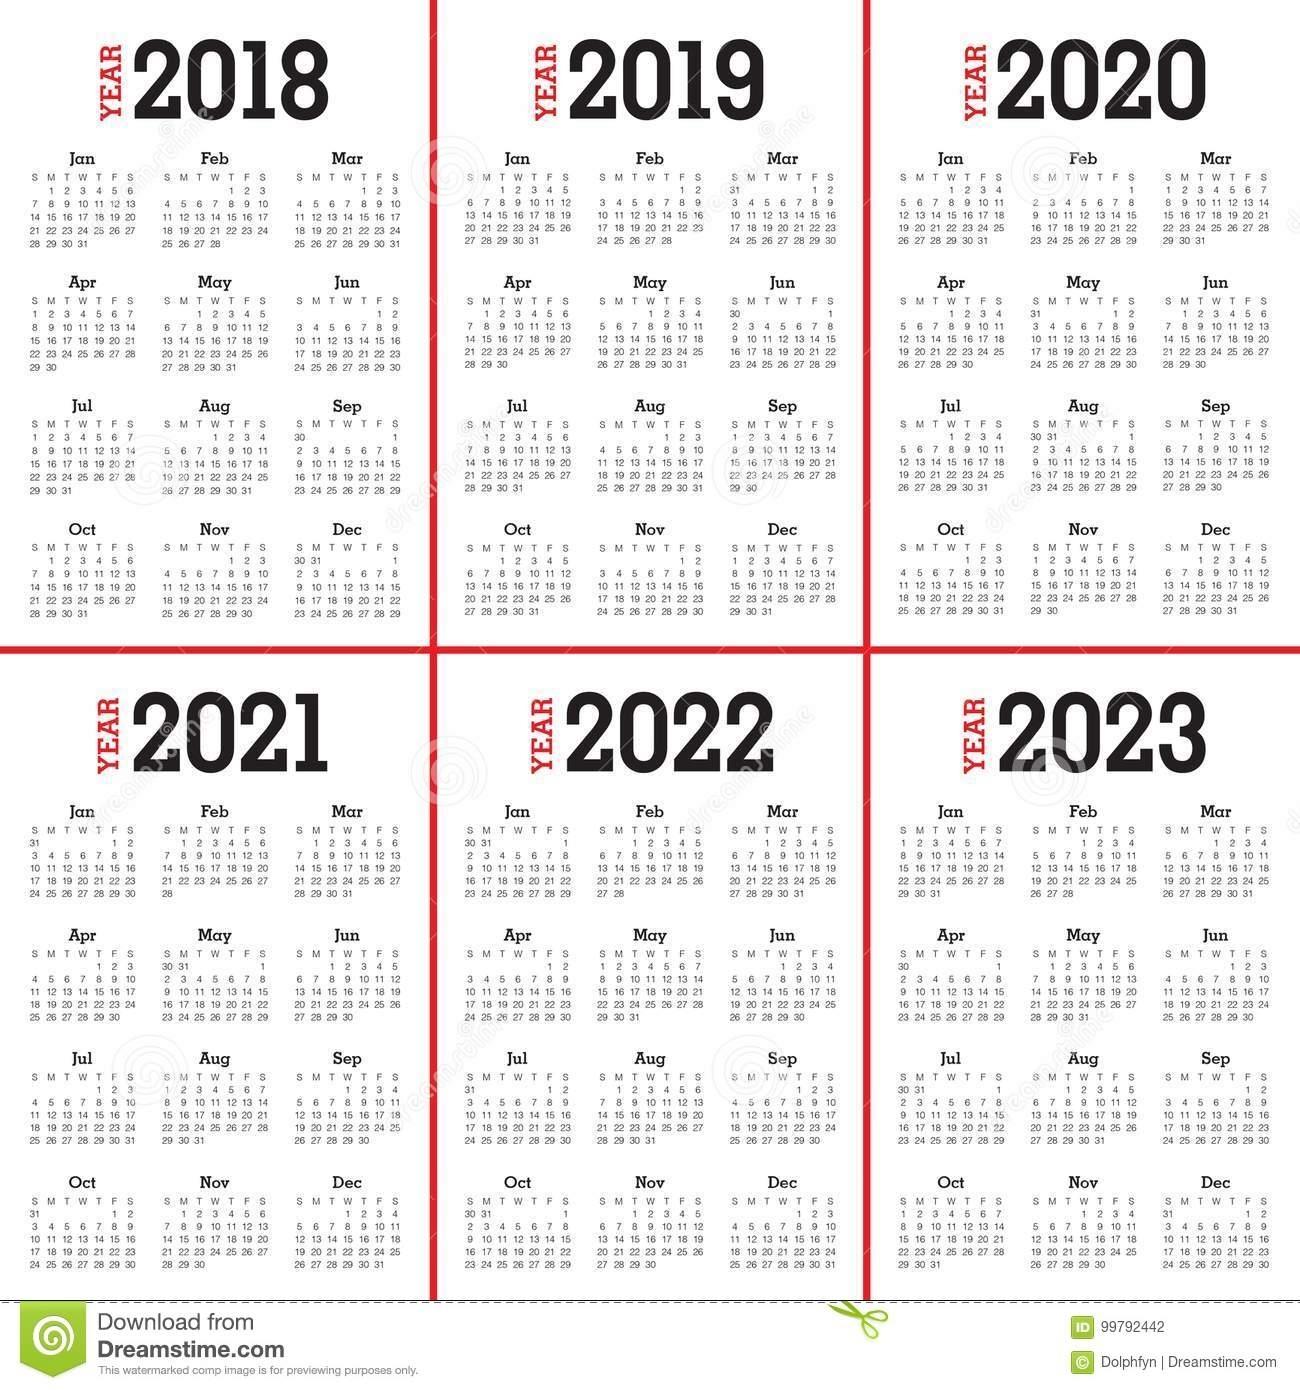 Year 2018 2019 2020 2021 2022 2023 Calendar Vector Stock Vector throughout Printable Calendar For 2019/2020/2021/2022/2023